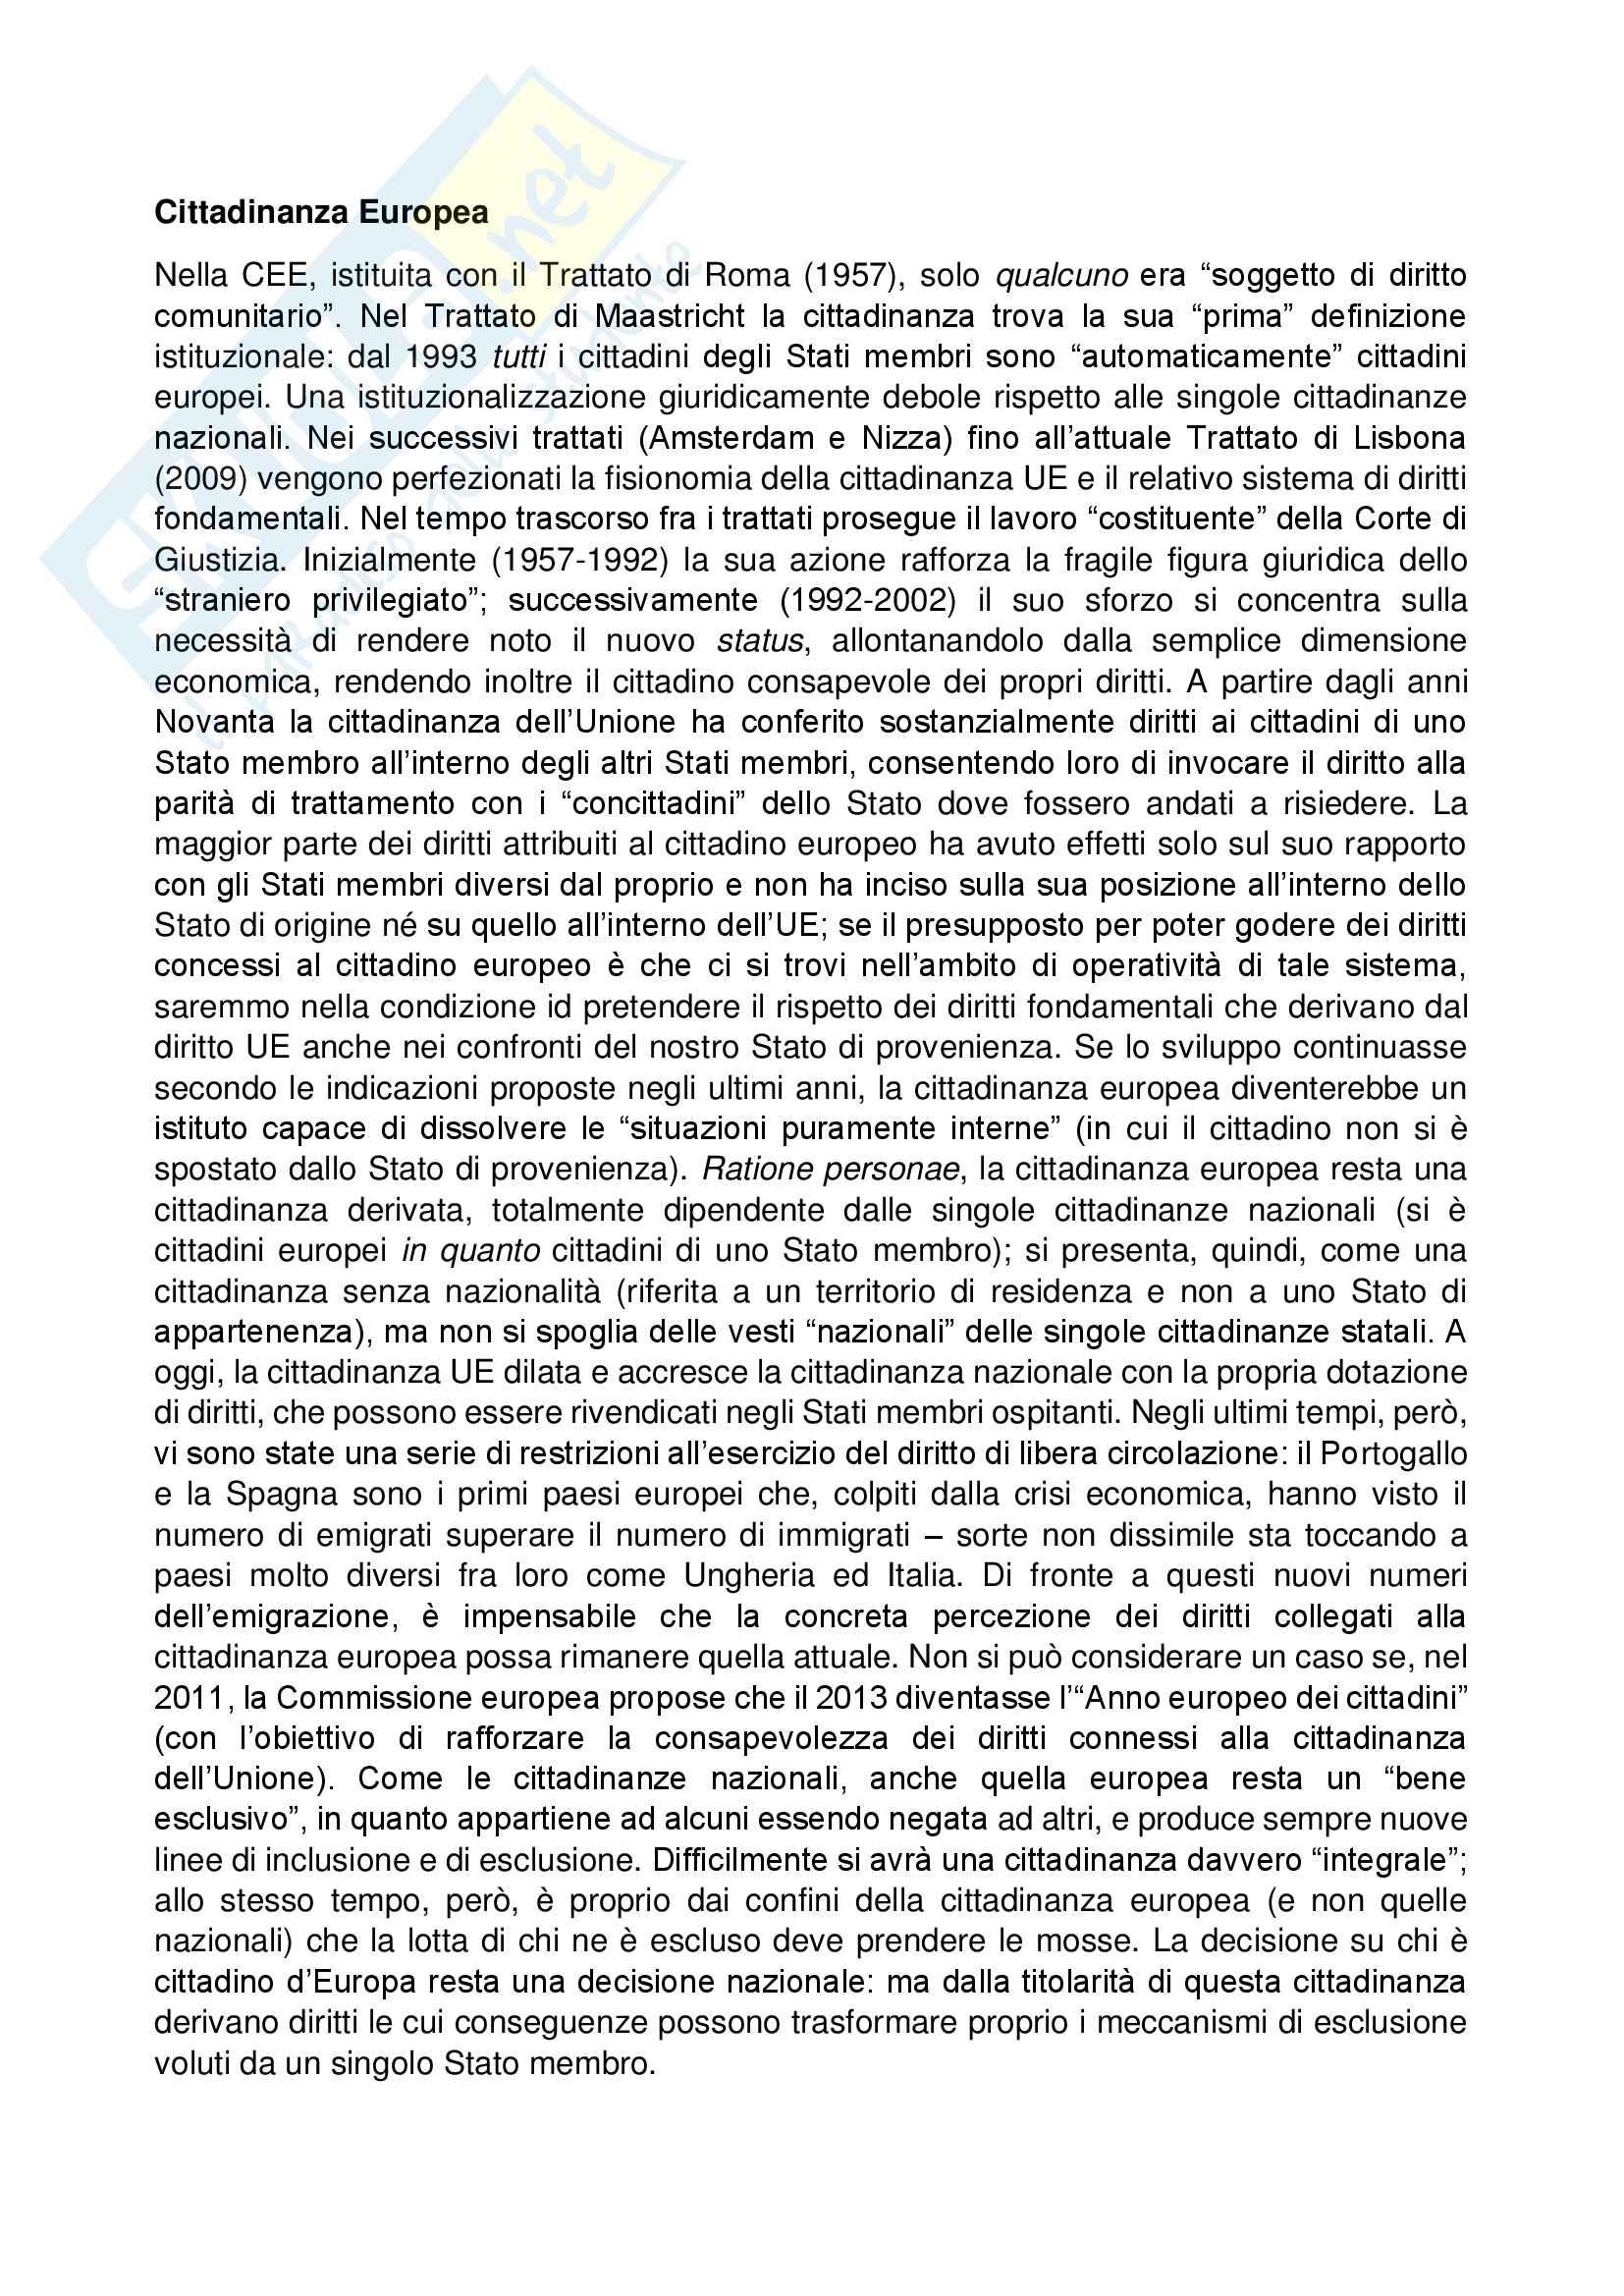 Cittadinanza Europea - Diritto UE - prof. Nicolosi